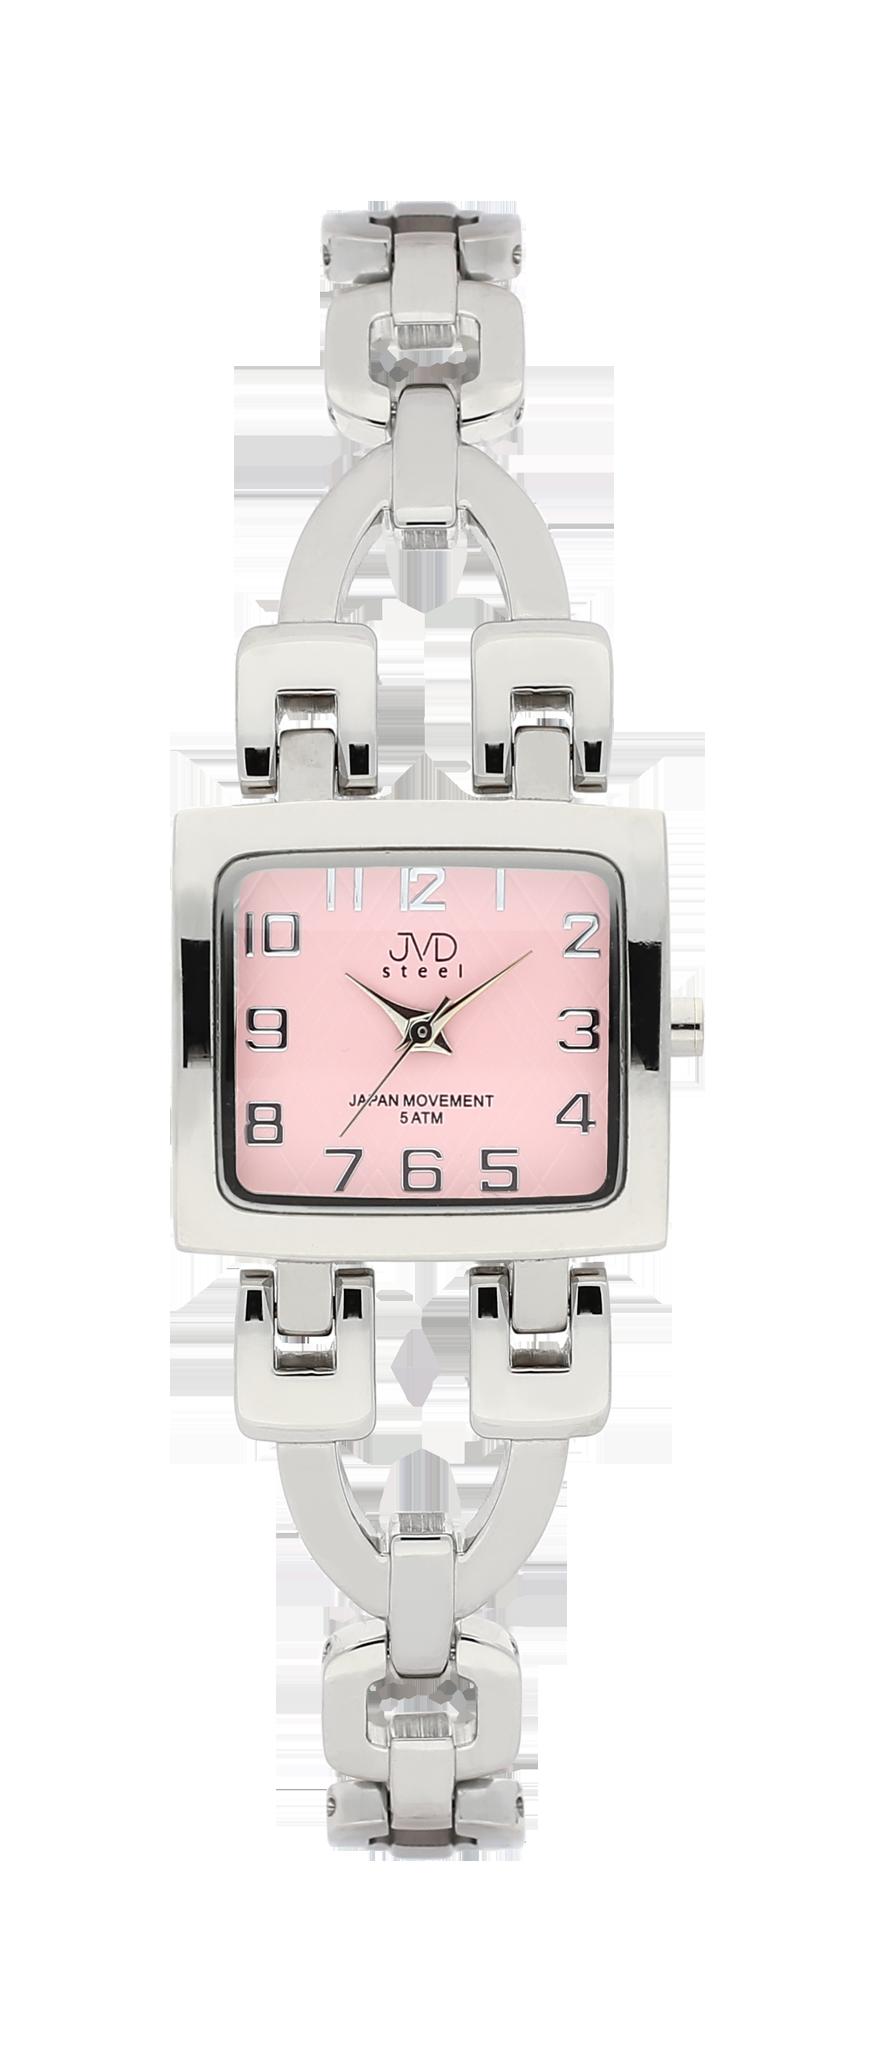 Elegantní hranaté dámské hodinky JVD steel J4127.2 - 5ATM